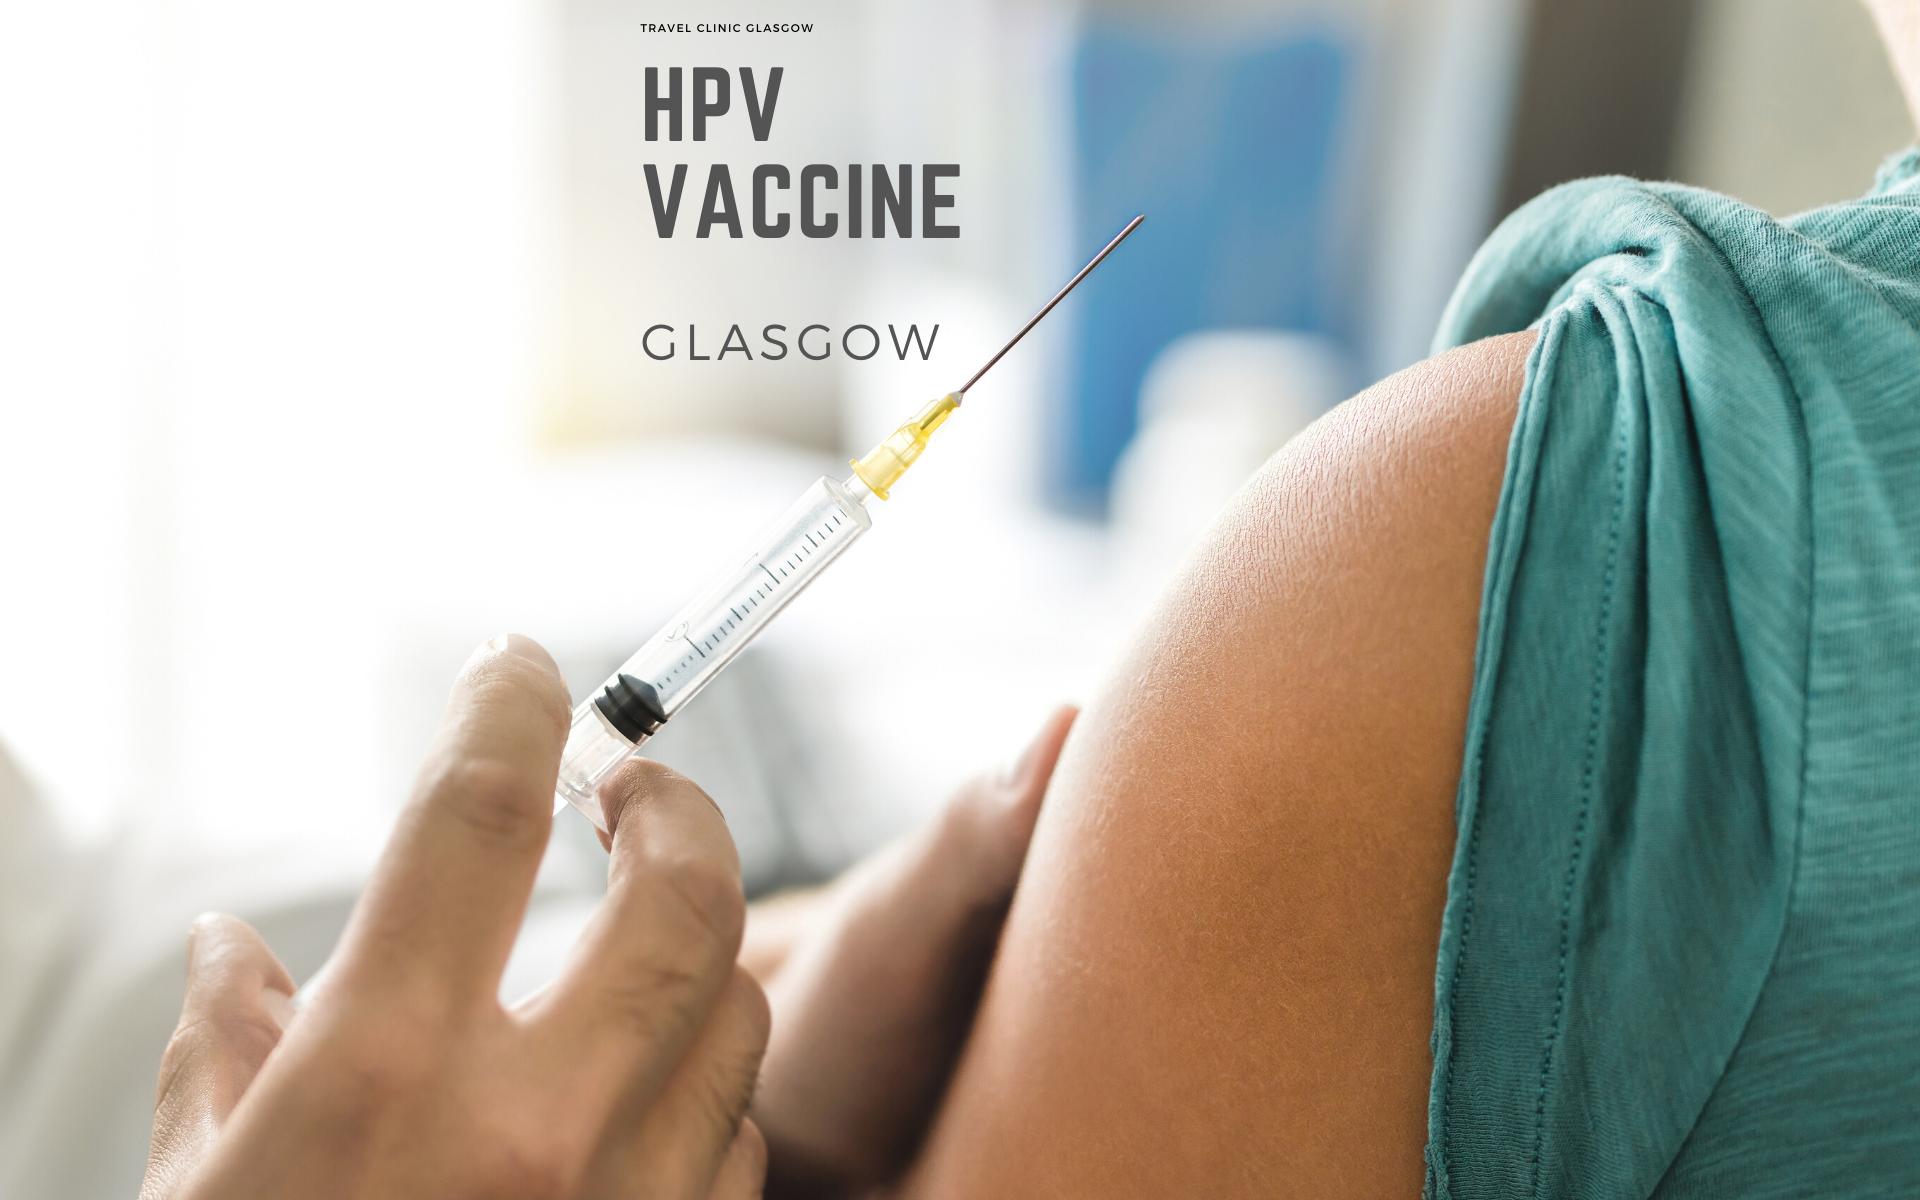 HPV Vaccine Glasgow